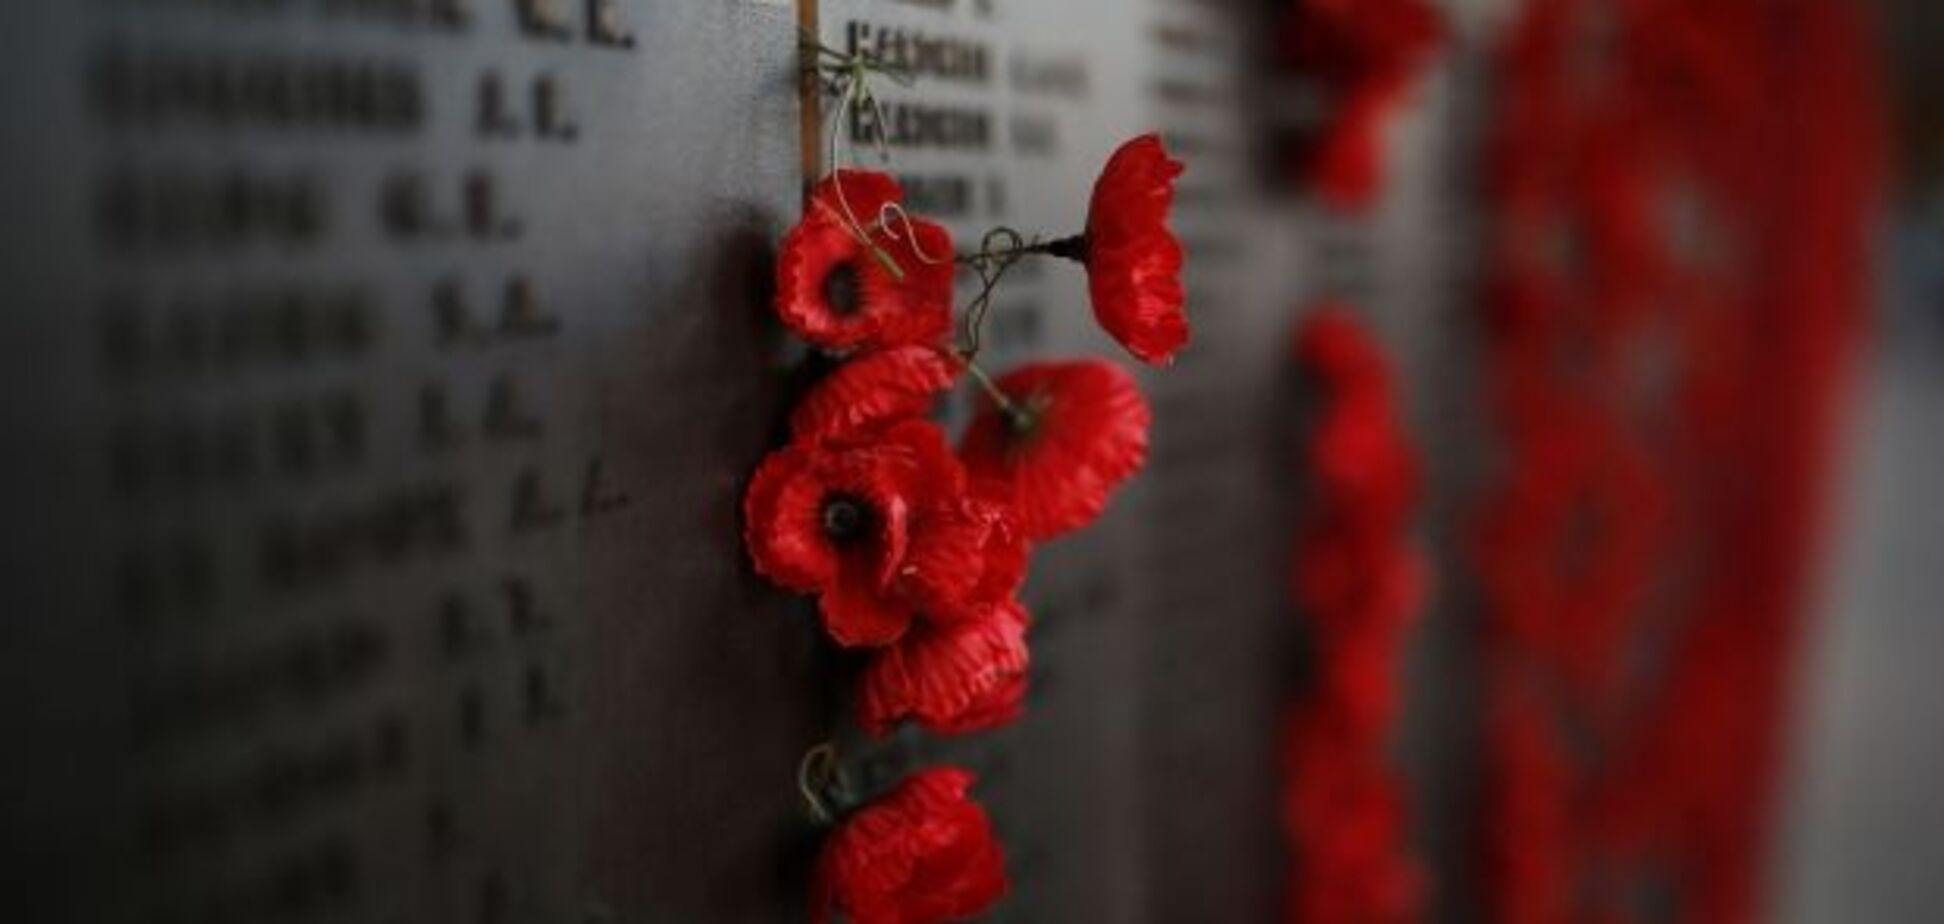 Девятое мая  - национальный день опи*дания России на войну